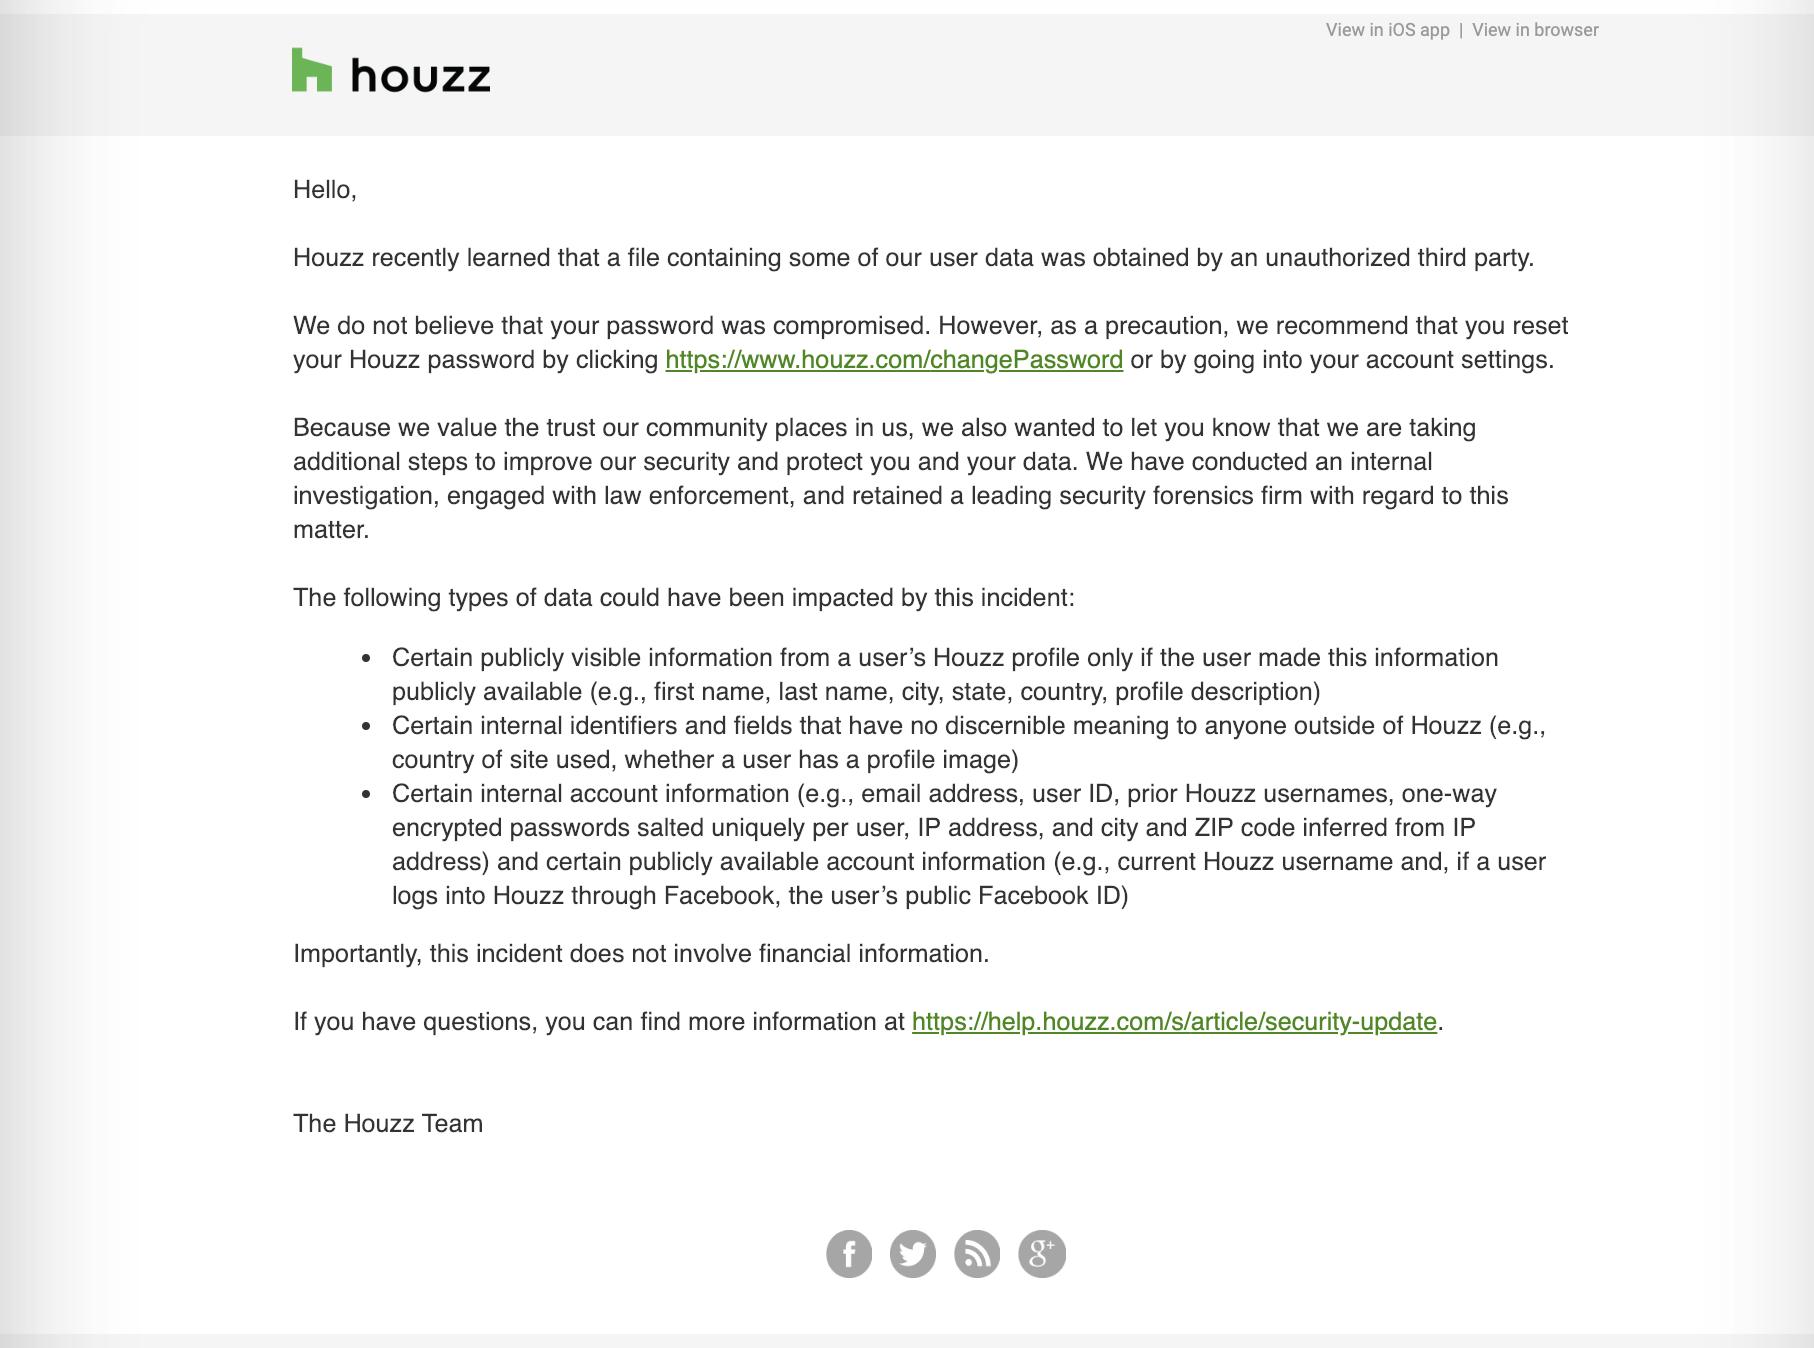 Houzz resets user passwords after data breach